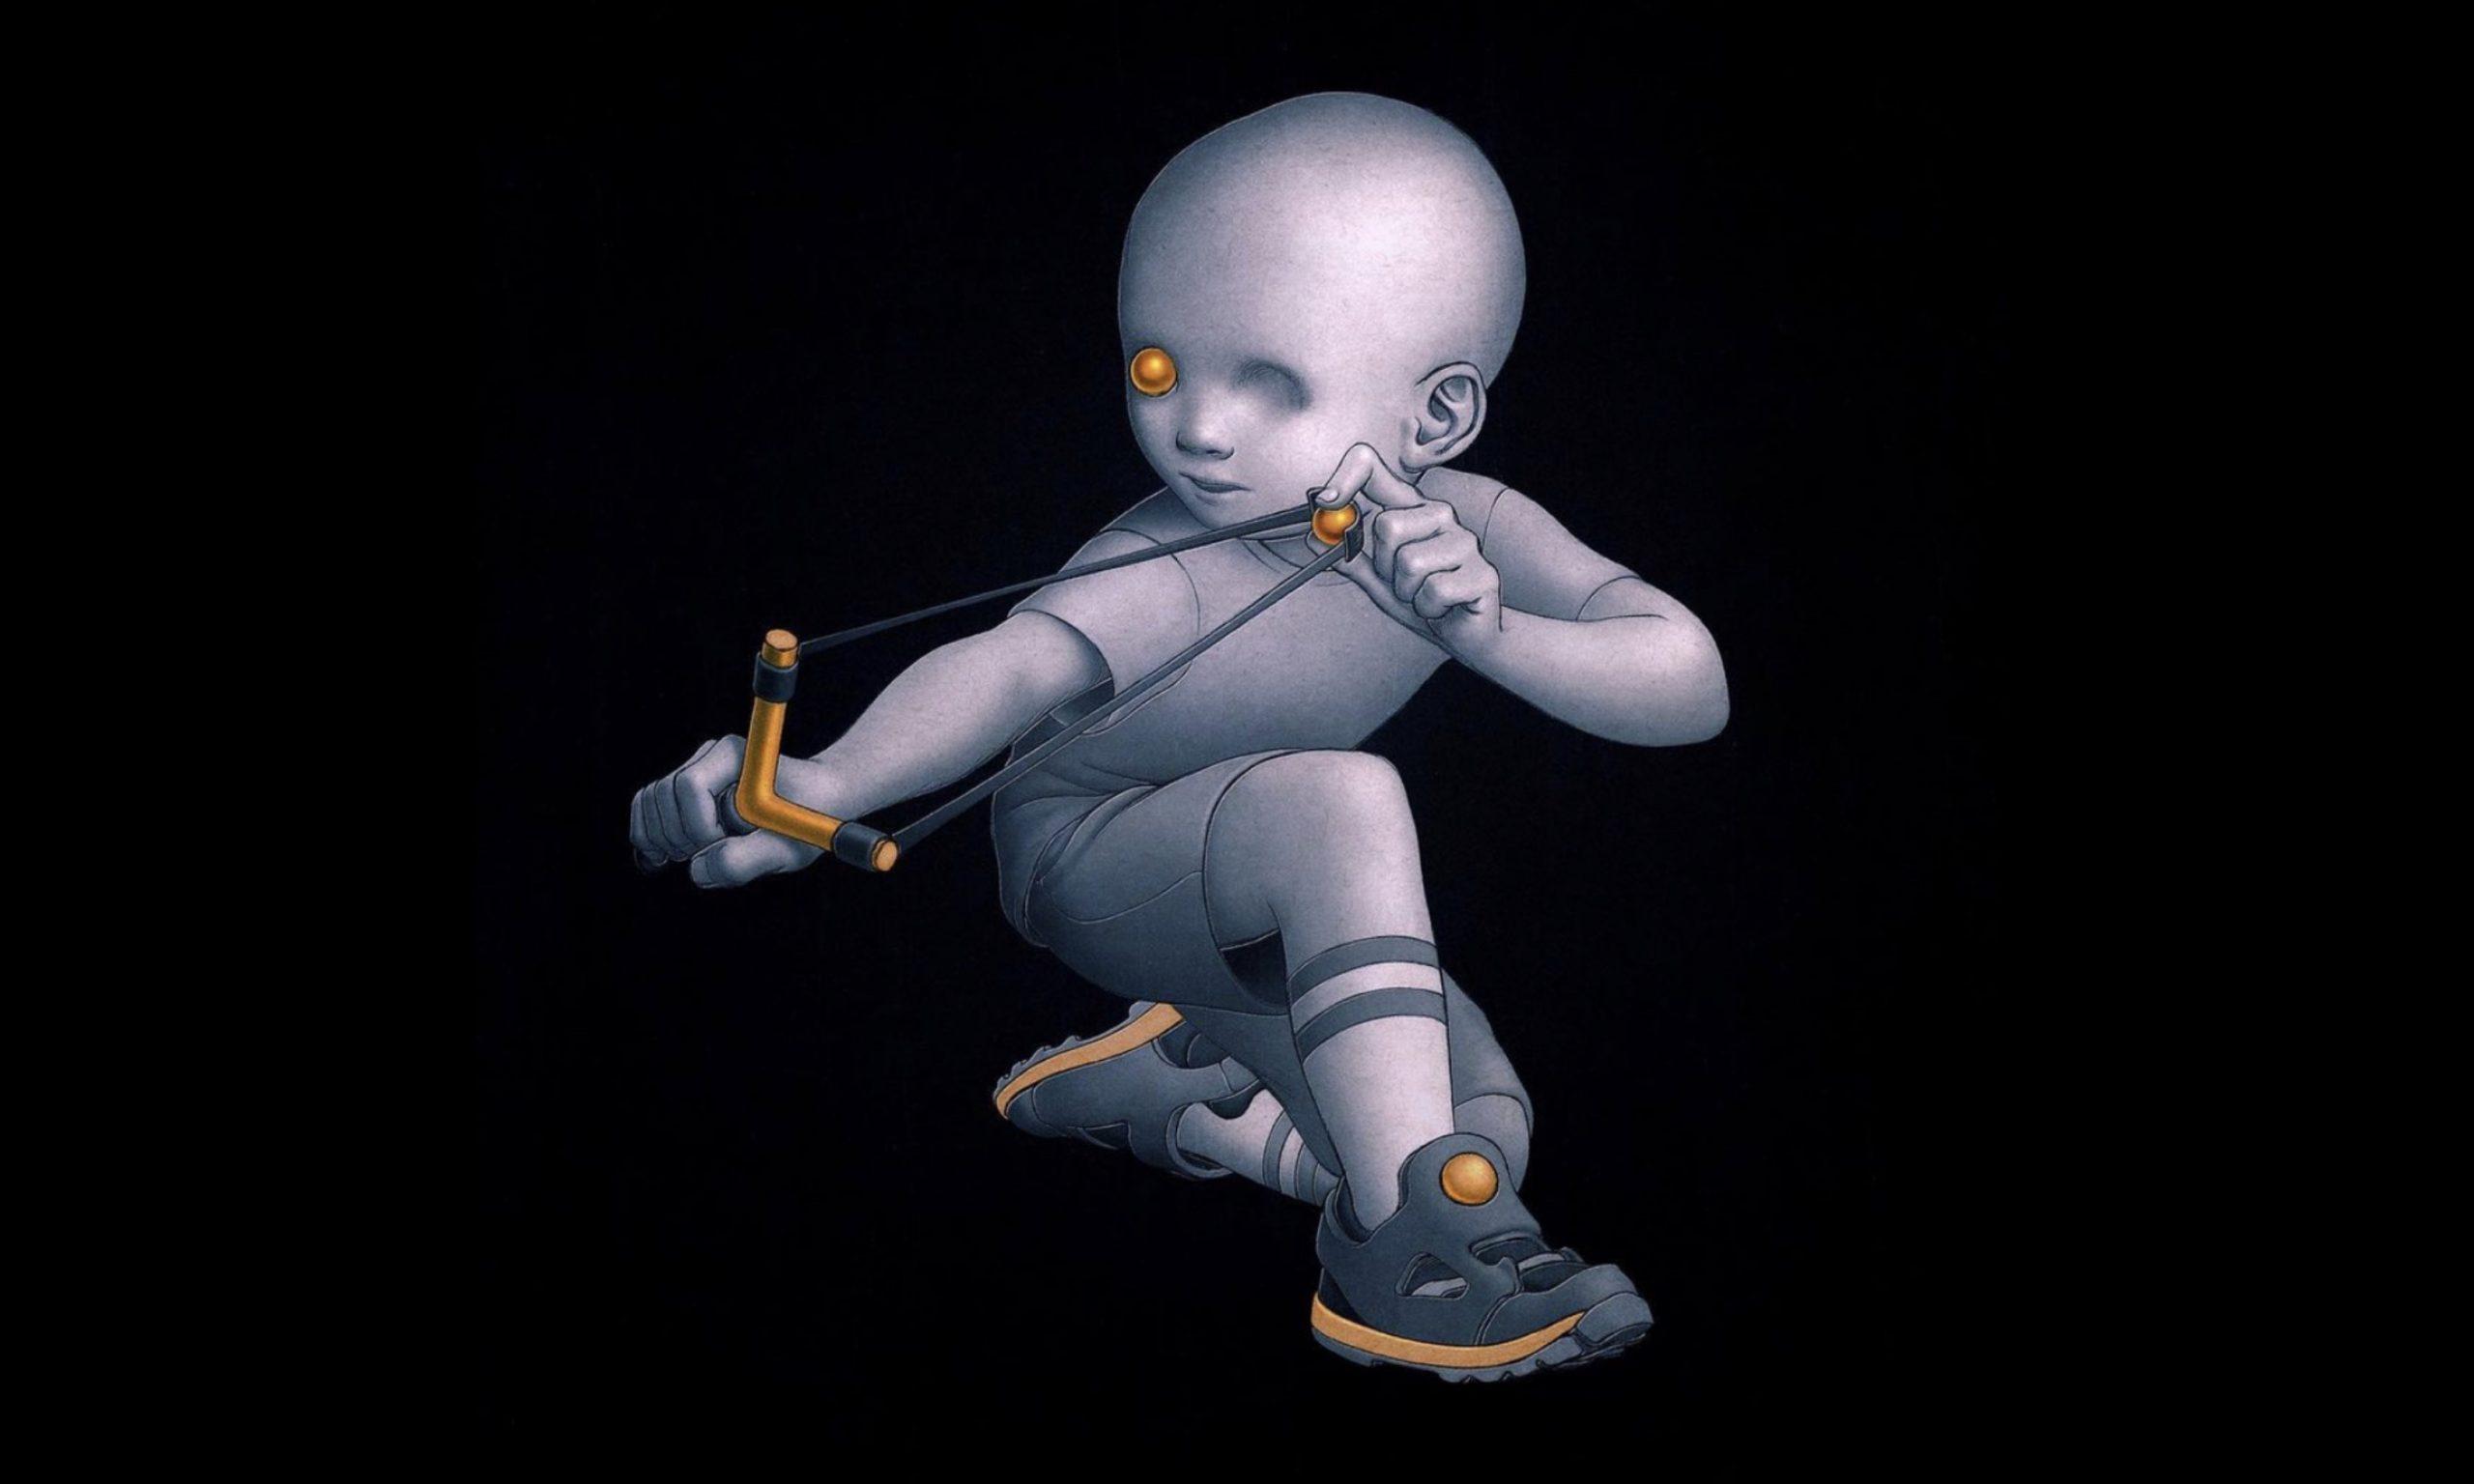 潮流艺术家 James Jean 宣布拍卖其首件全数字化作品